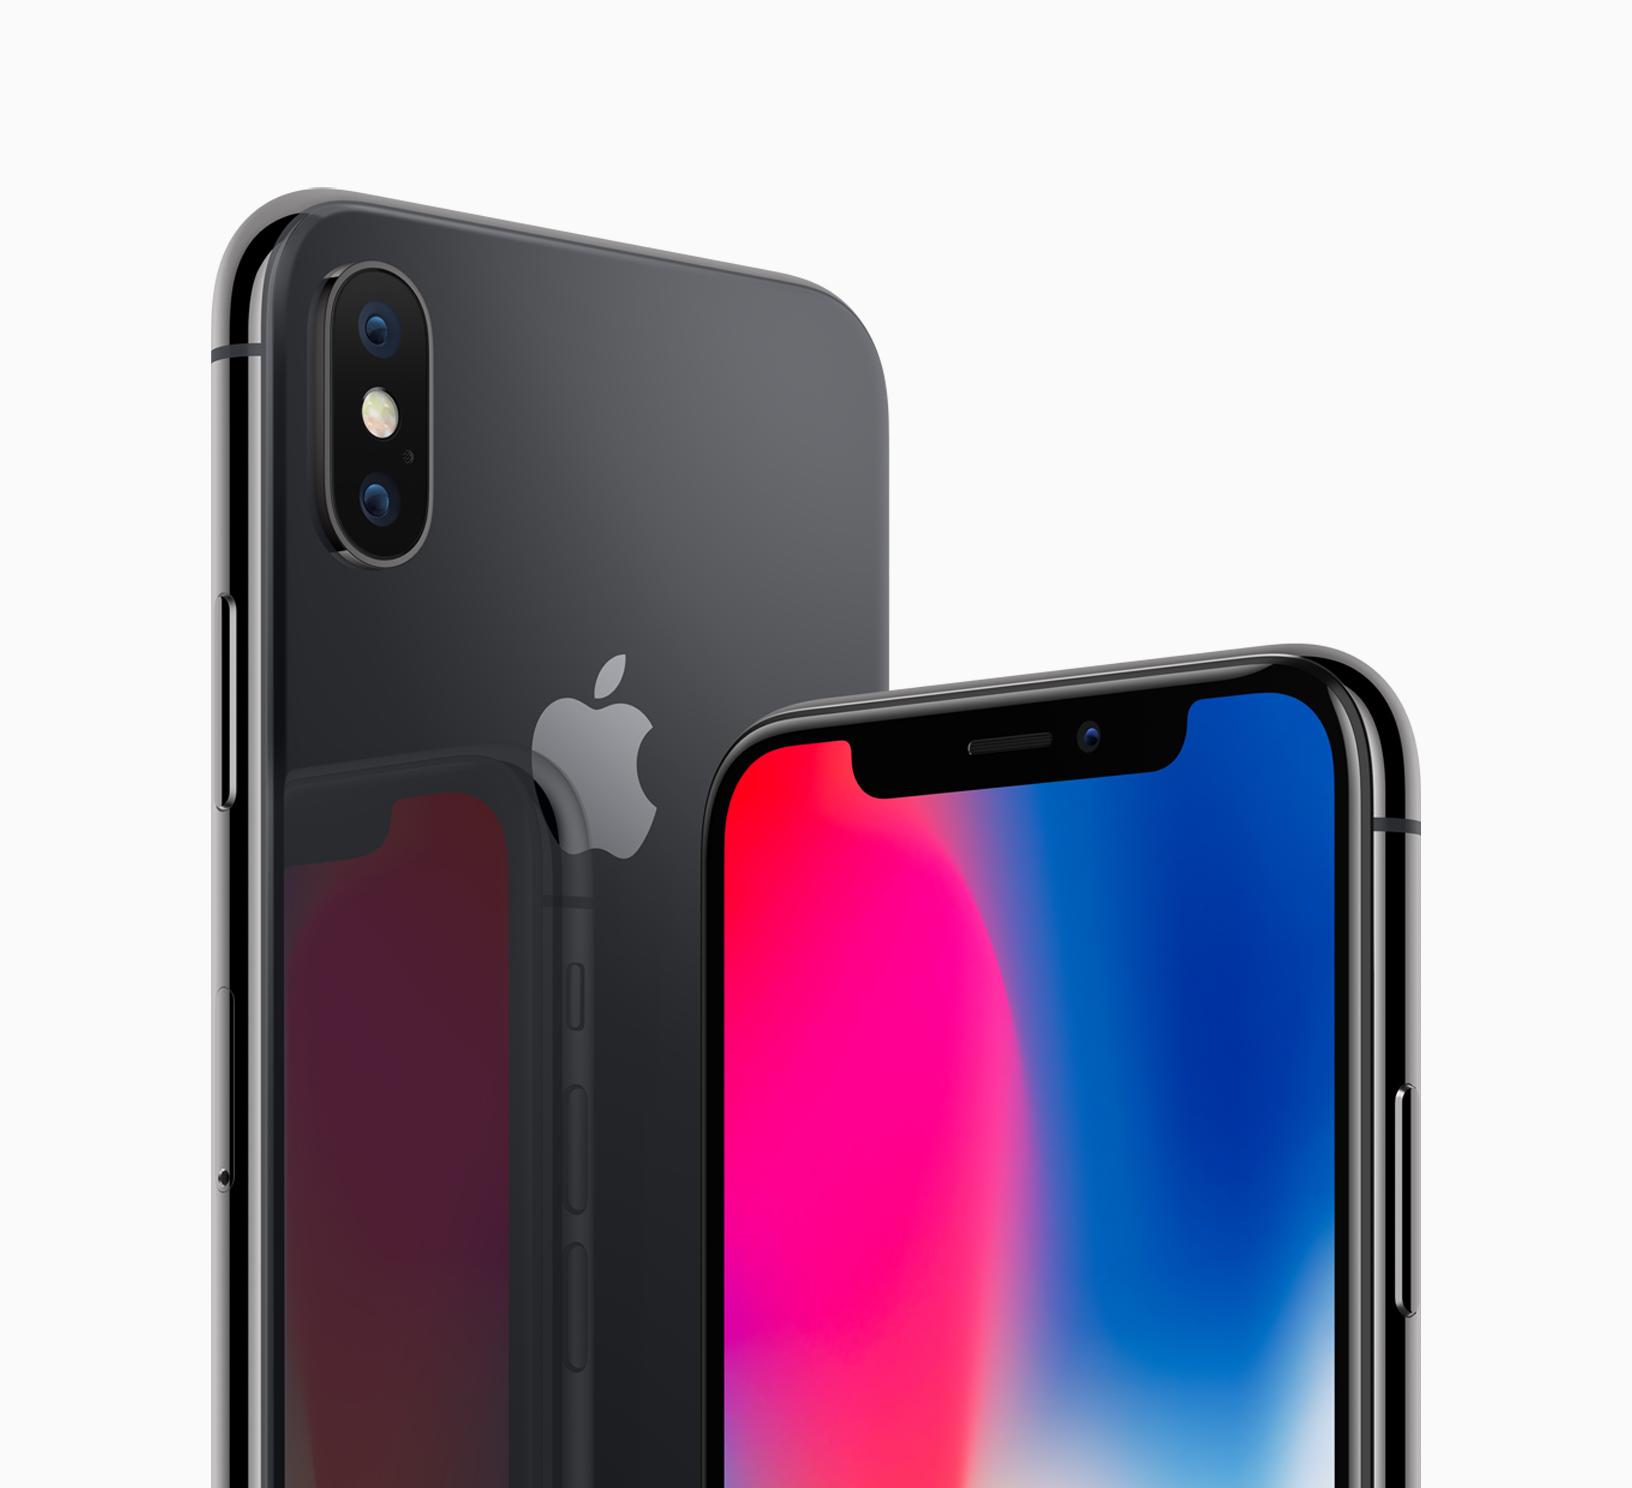 iPhone'y zakazane w Chinach?